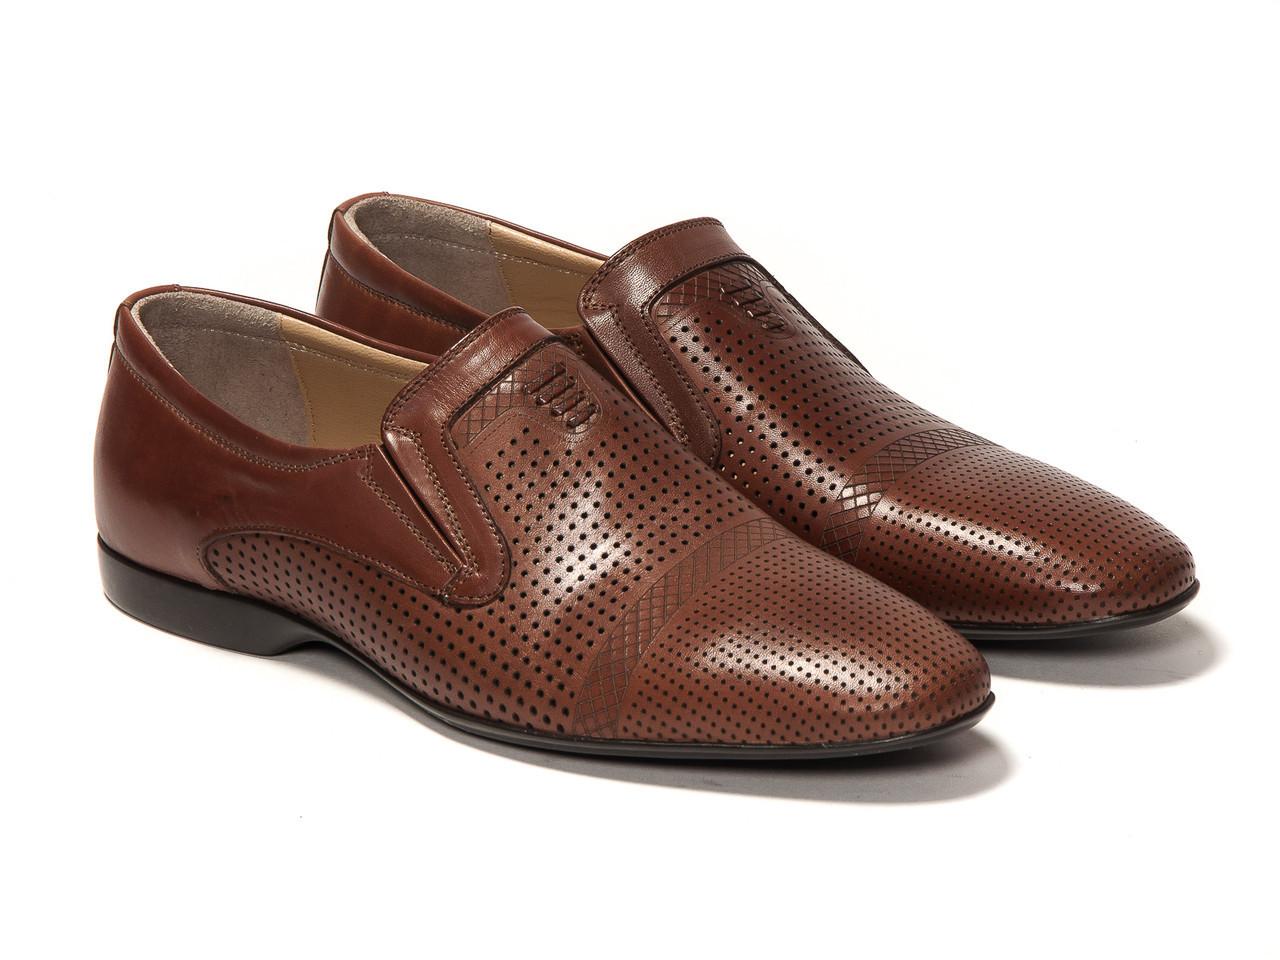 Туфлі Etor 11759-7115-3 45 коричневі